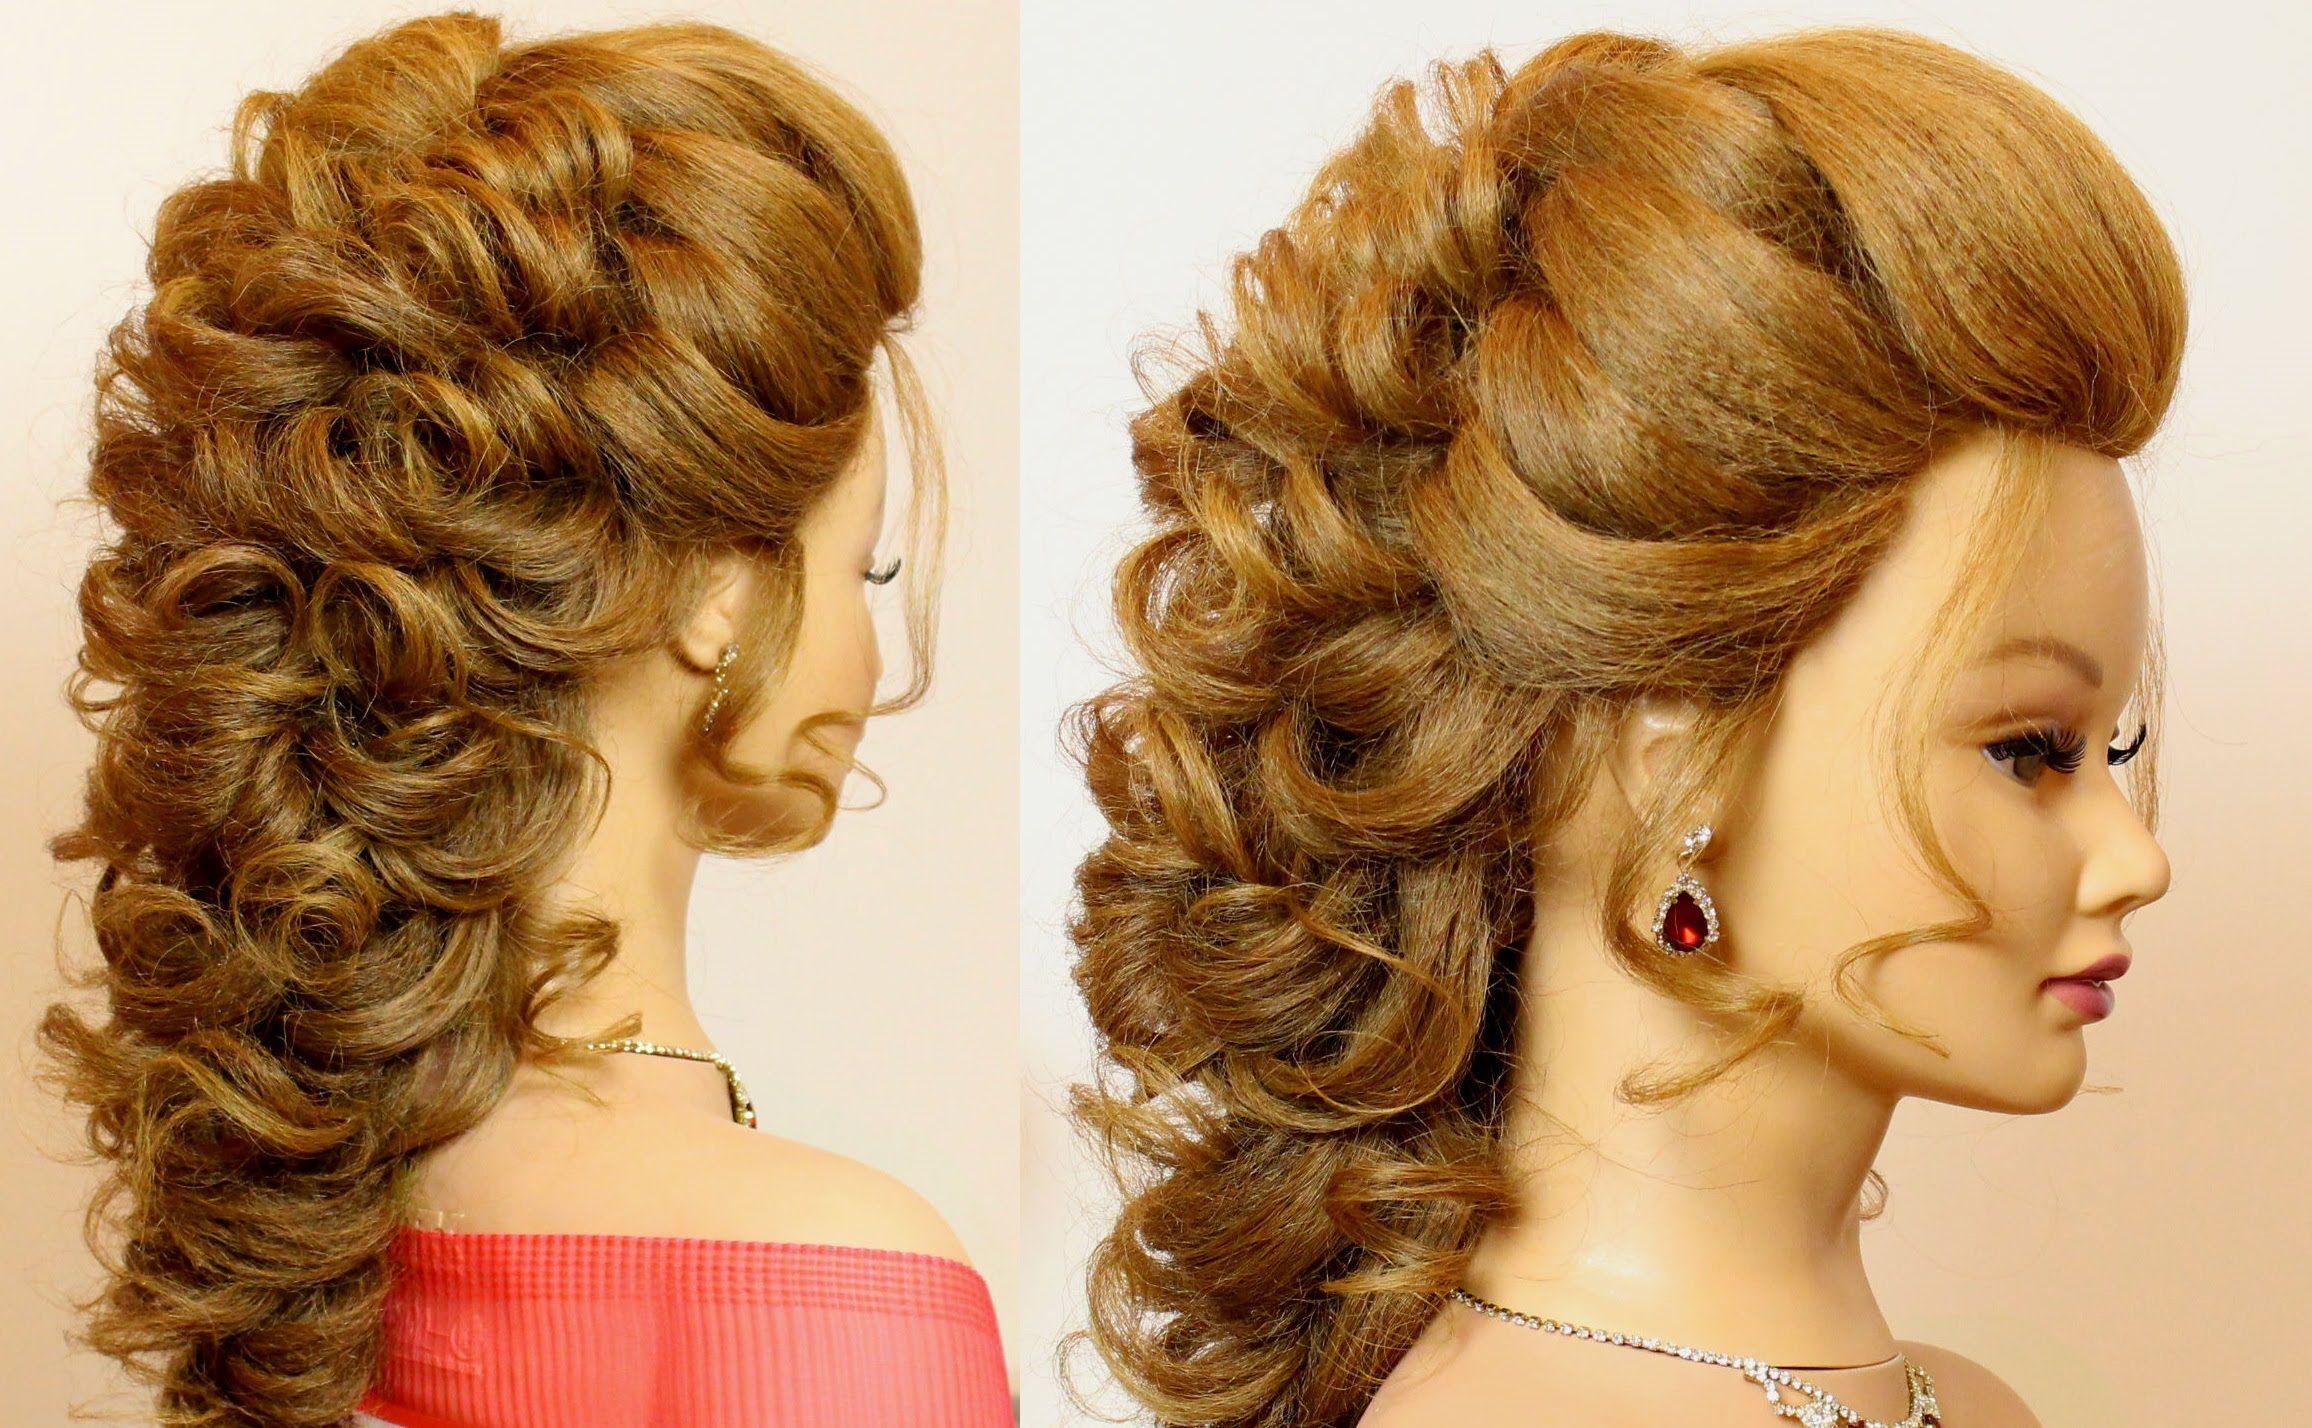 Inspirierende Frisuren Fur Die Hochzeit Langehaare Inspirierendeinfache Inspirierendfotografie Ges Medium Length Hair Styles Medium Hair Styles Hair Styles